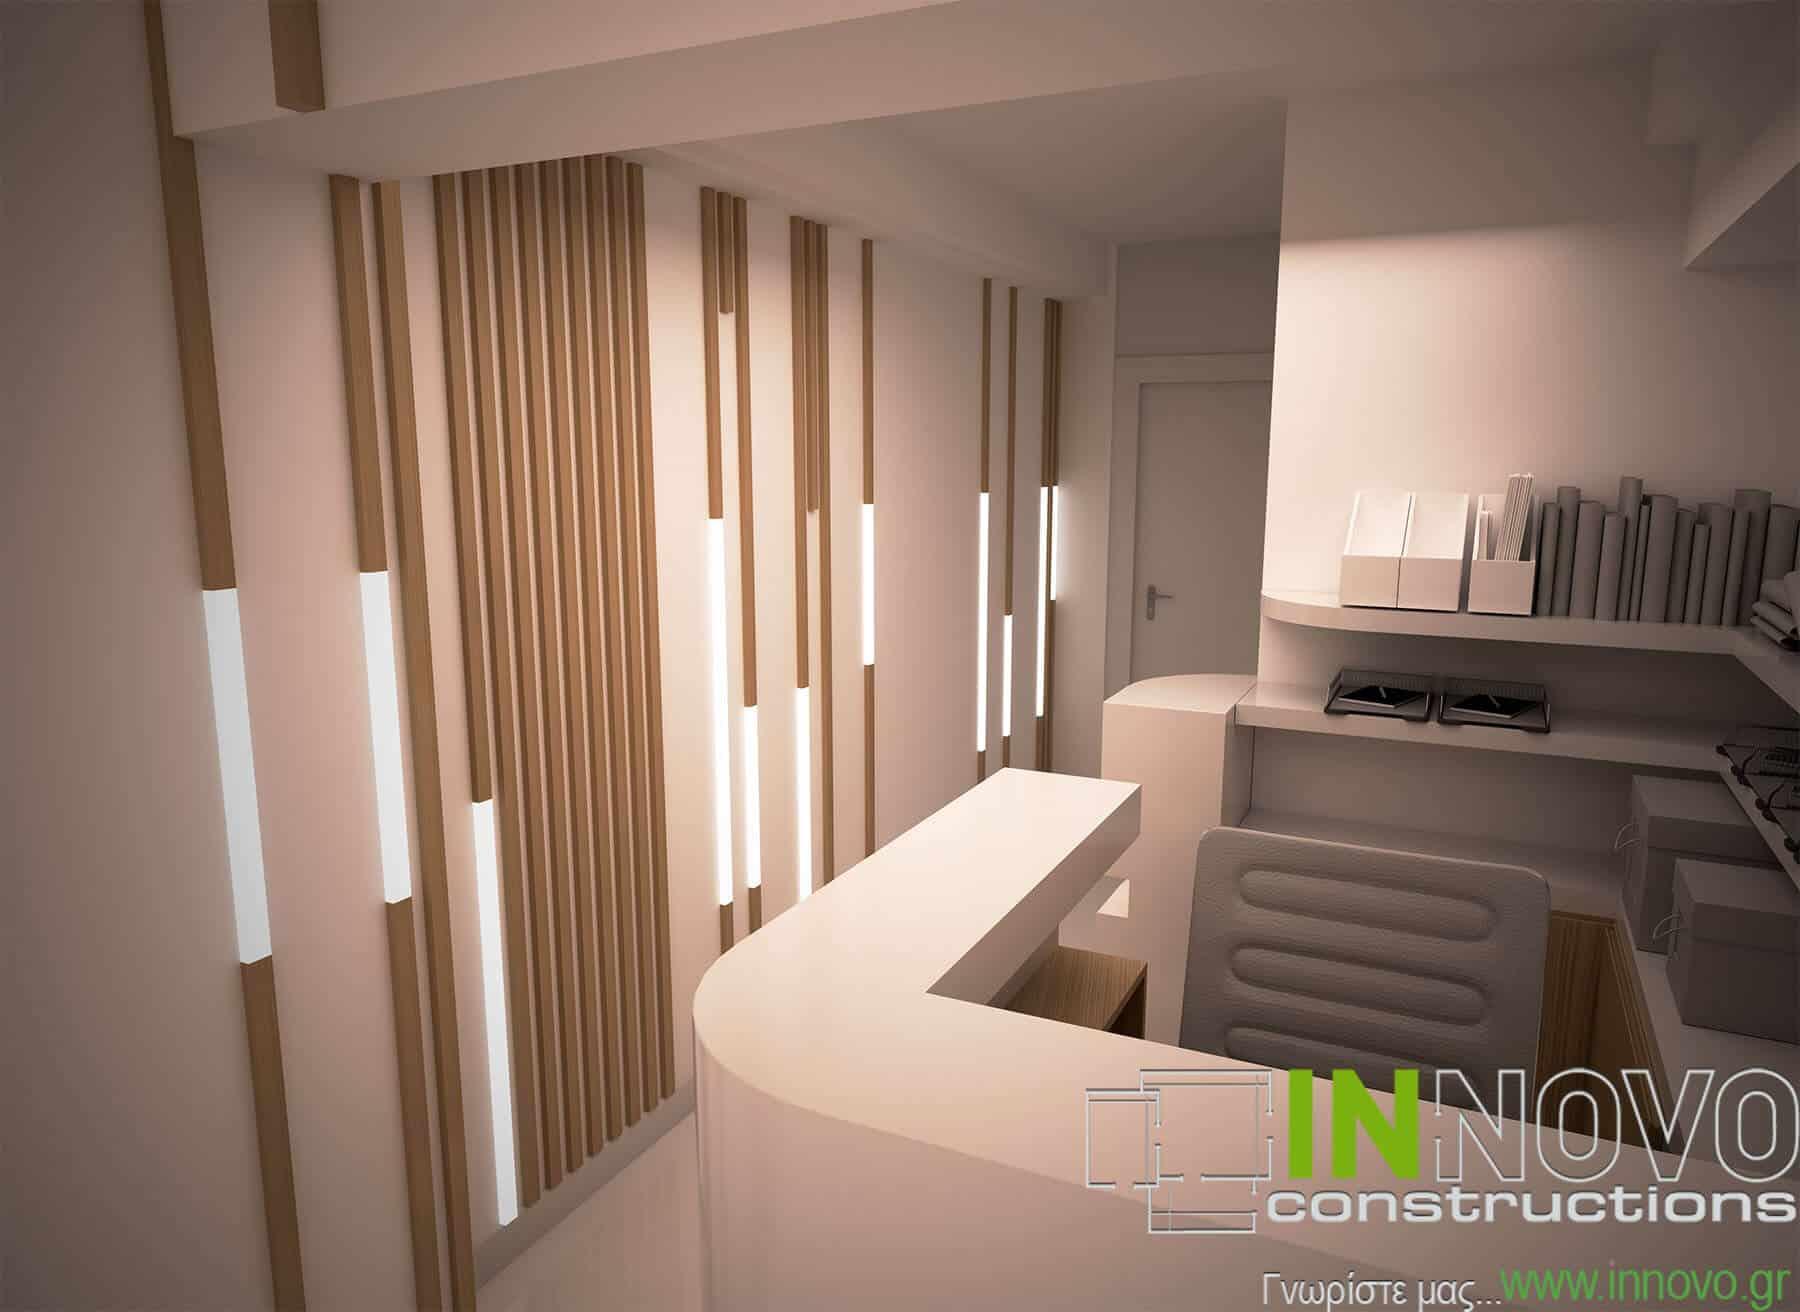 Σχεδιασμός διακόσμησης Ενδοκρινολογικού ιατρείου στη Ναύπακτο